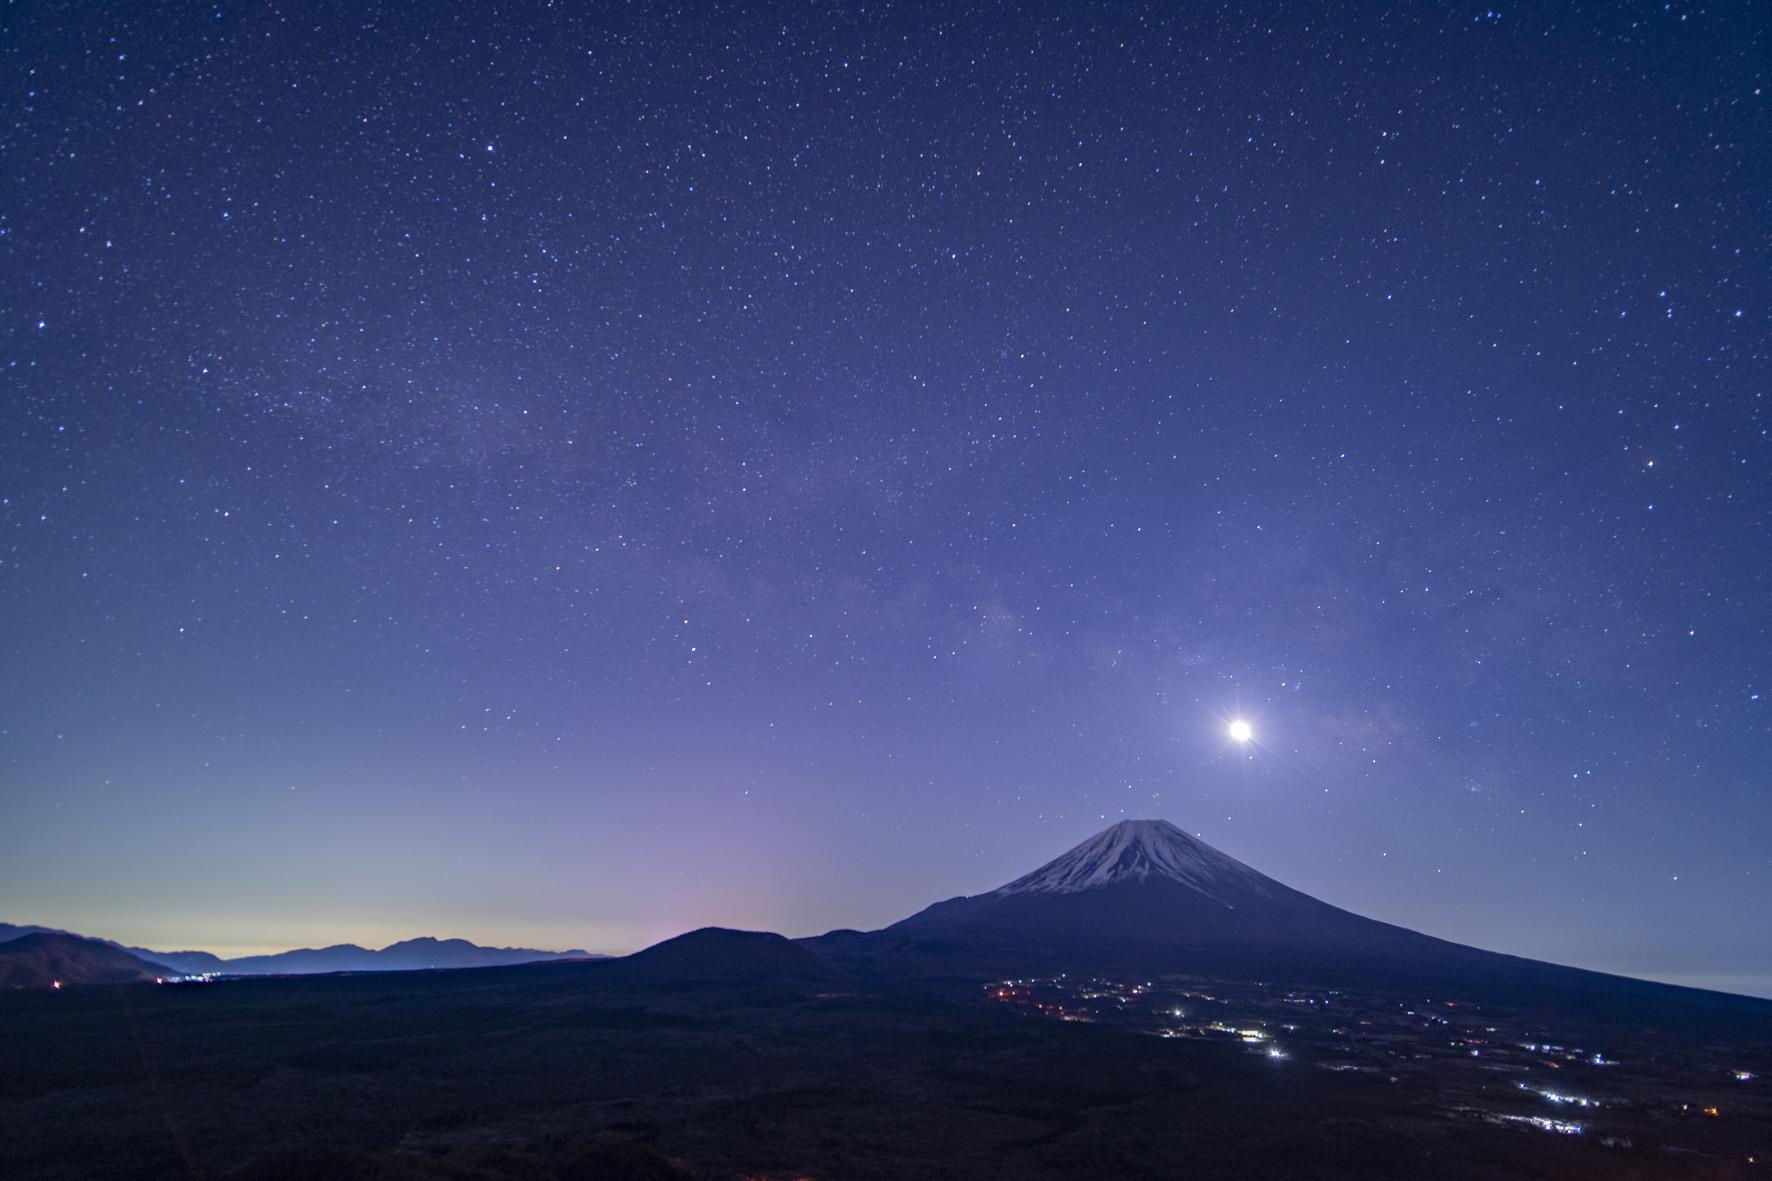 光害カットフィルター「StarScape〈スタースケイプ〉」で星景・夜景写真をグレードアップ!